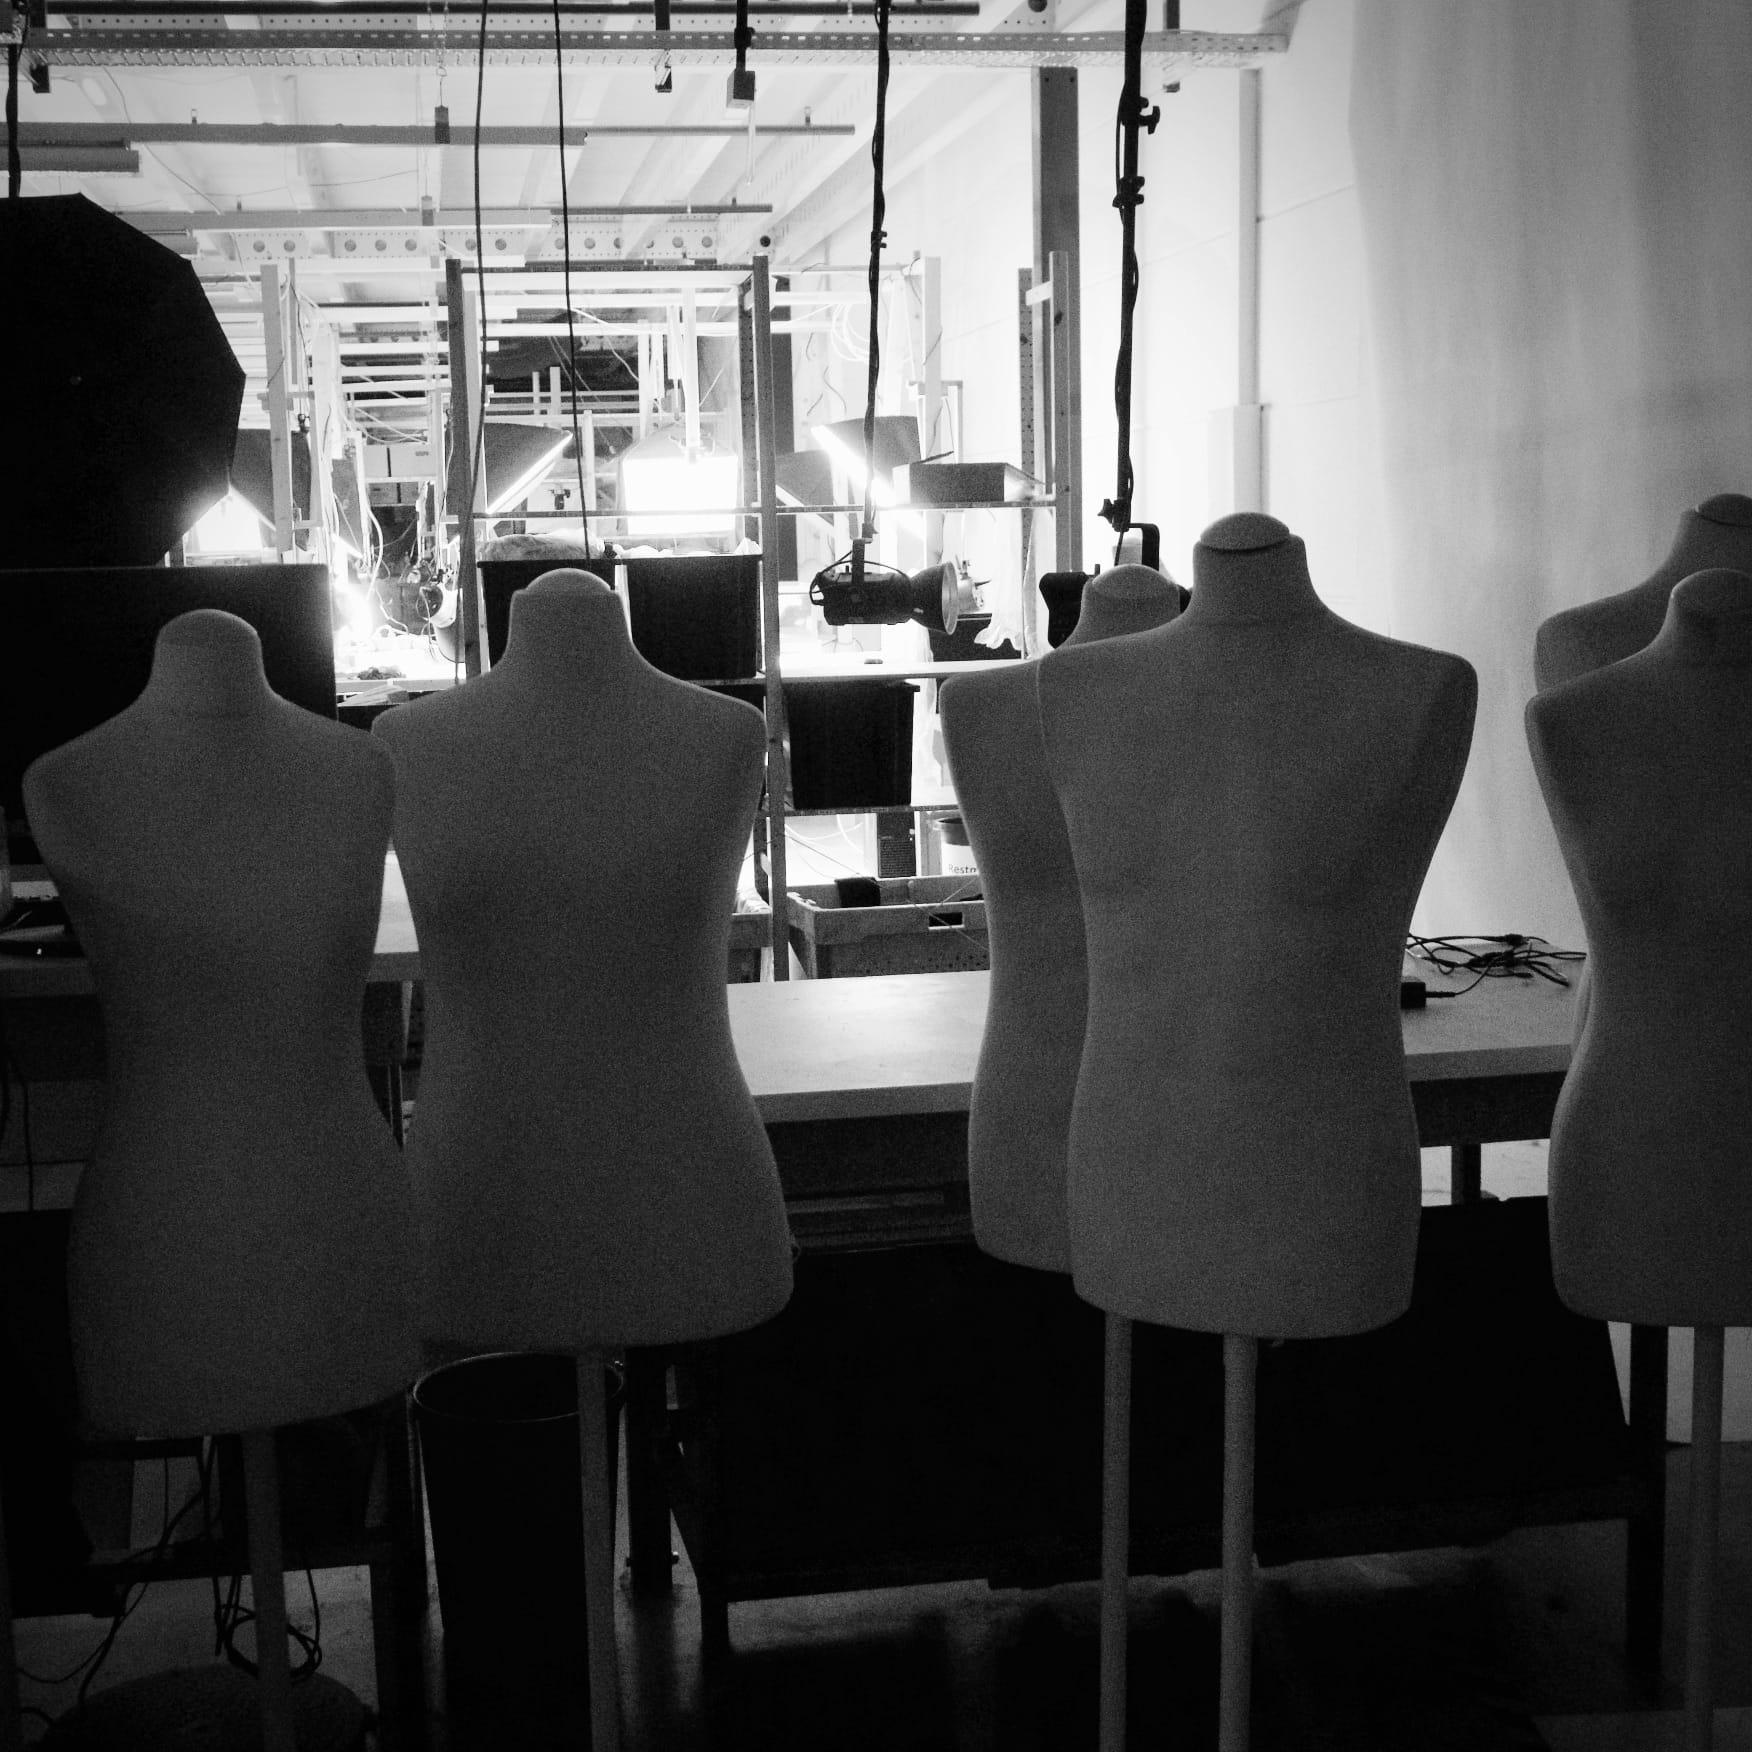 dasistmomox fashion - Weg eines Artikels 1dasistmomox fashion - Weg eines Artikels 18